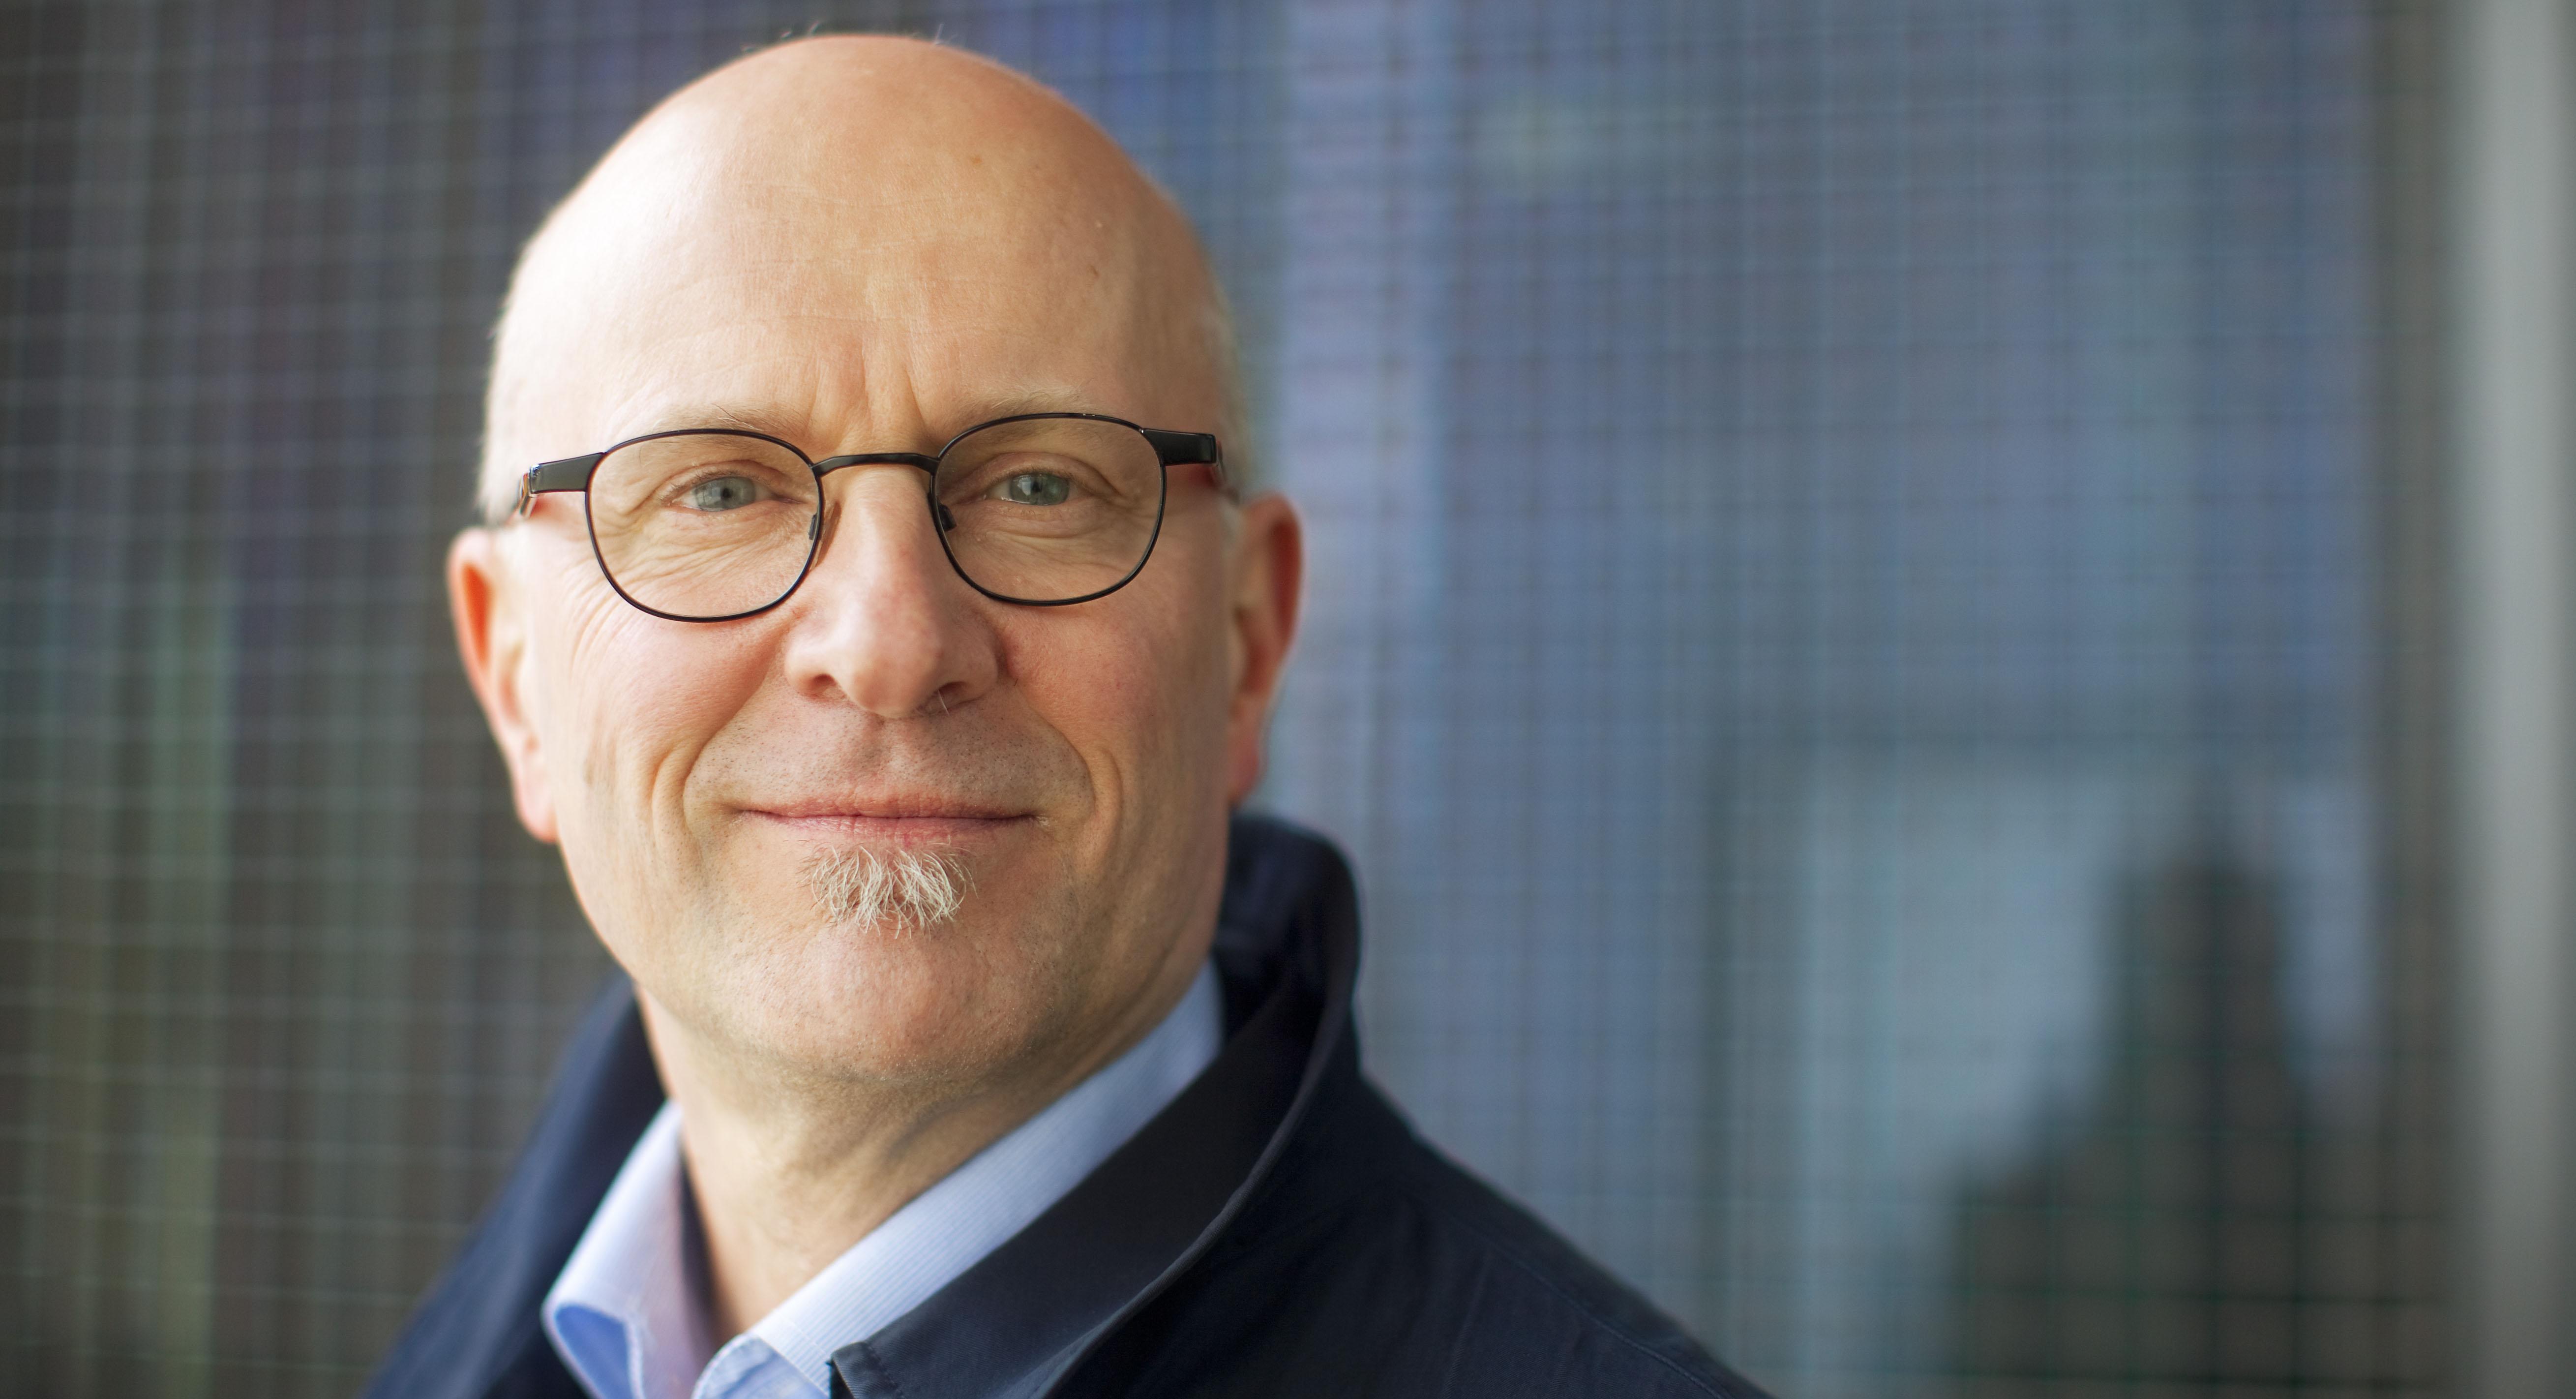 Eftersom kvalitetskriterierna inte skiljer åt serviceproducenterna tillräckligt blir priset i praktiken den avgörande faktorn, säger Pekka Rissanen.